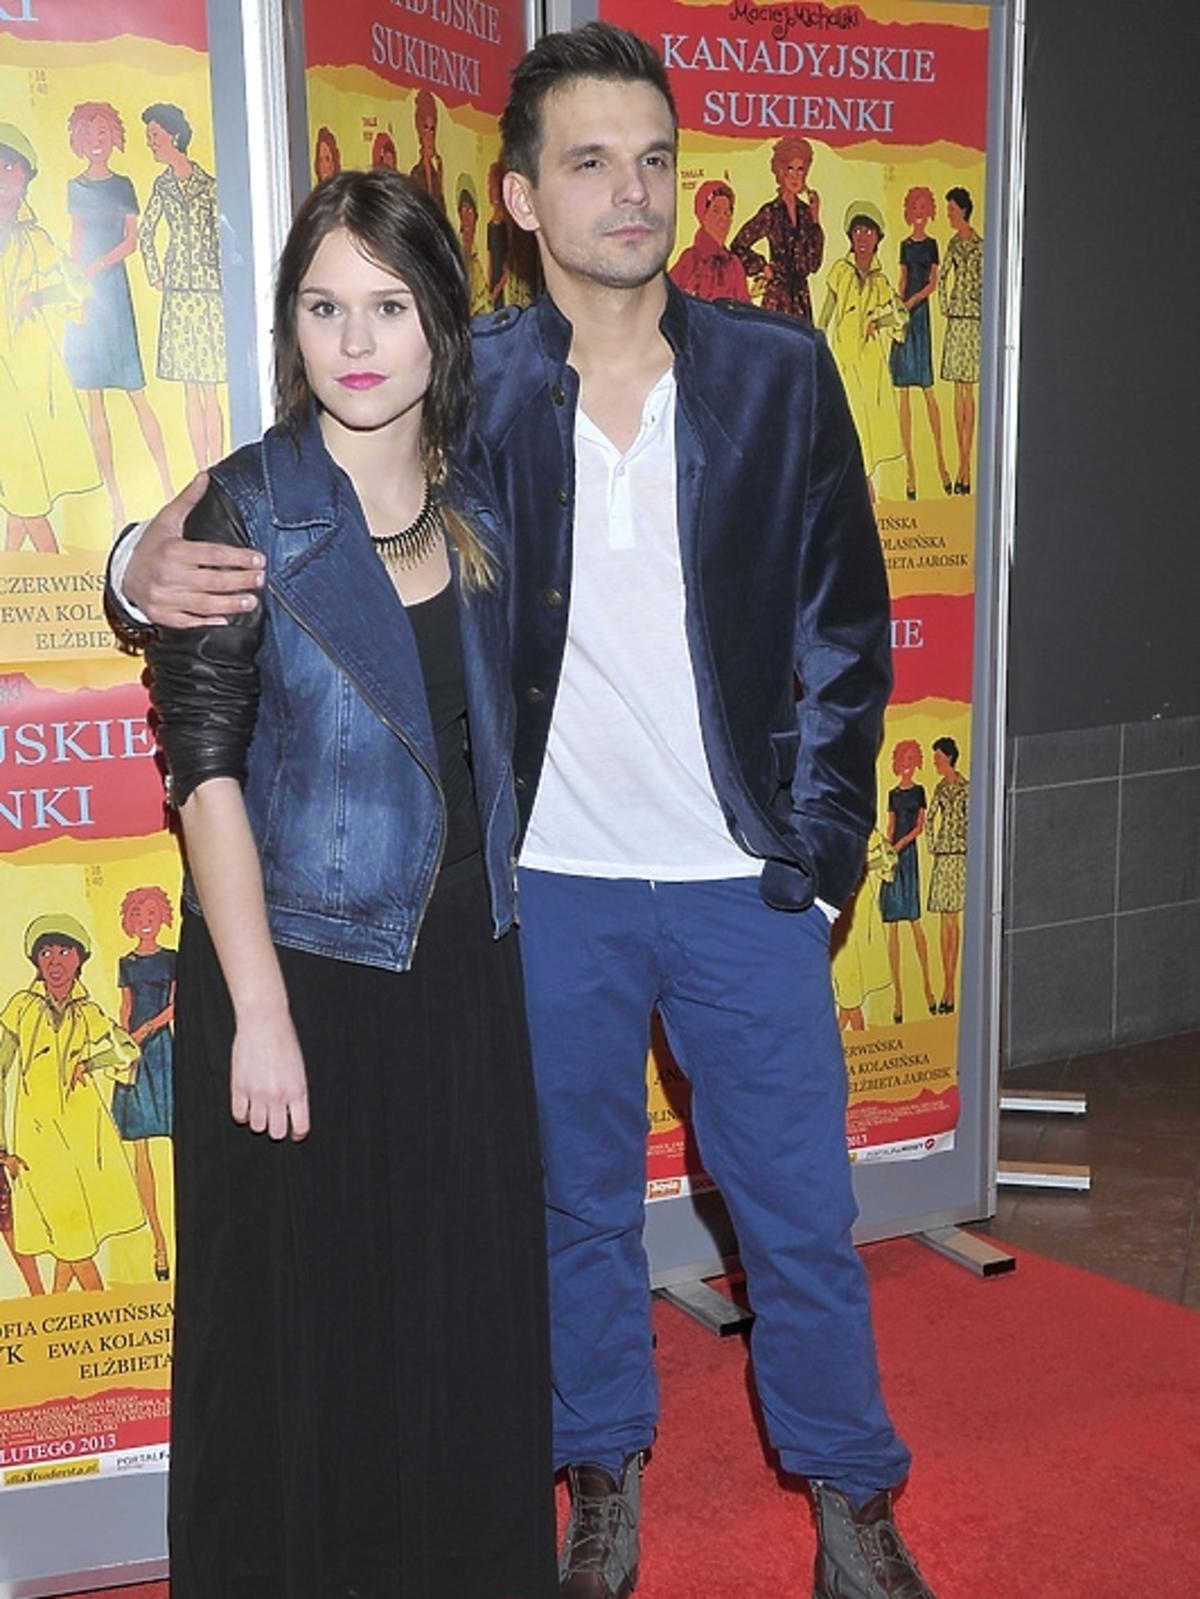 Malwina Buss i Sebastian Cybulski na premierze filmu Kandayjskie sukienki